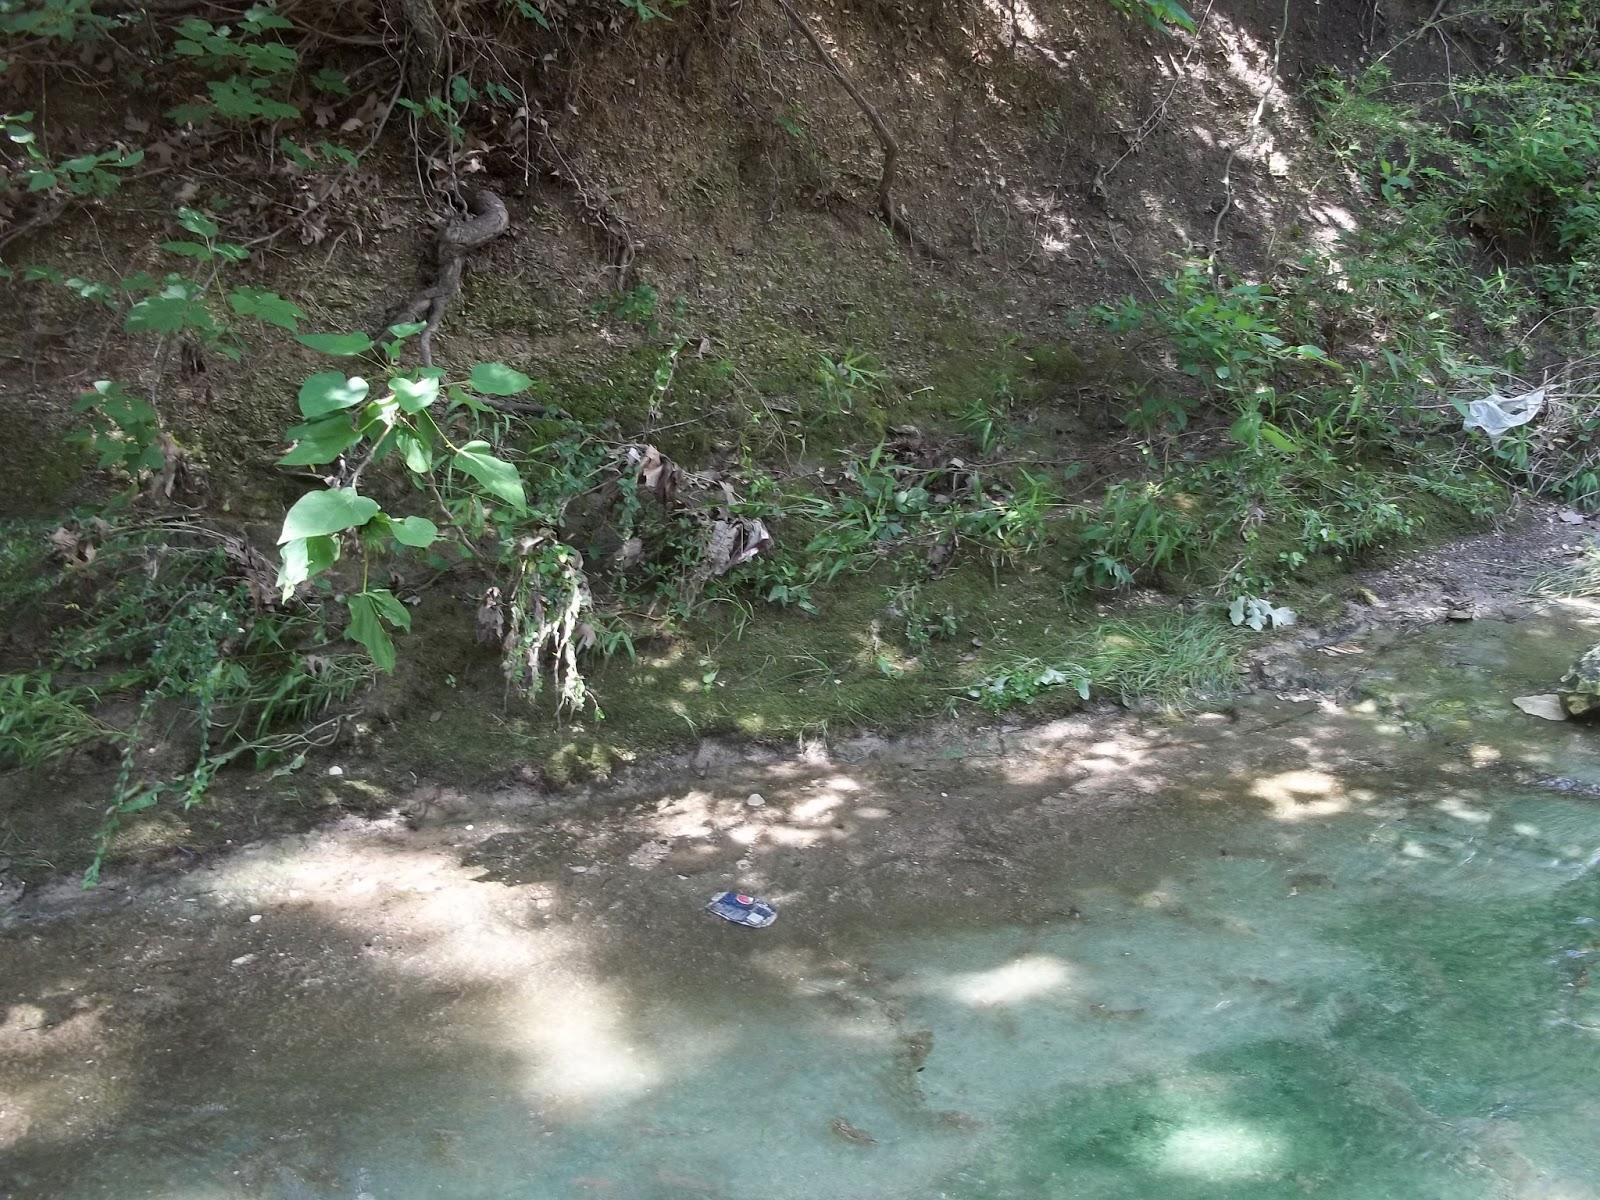 Bent Tree Bonsai Gathering Moss